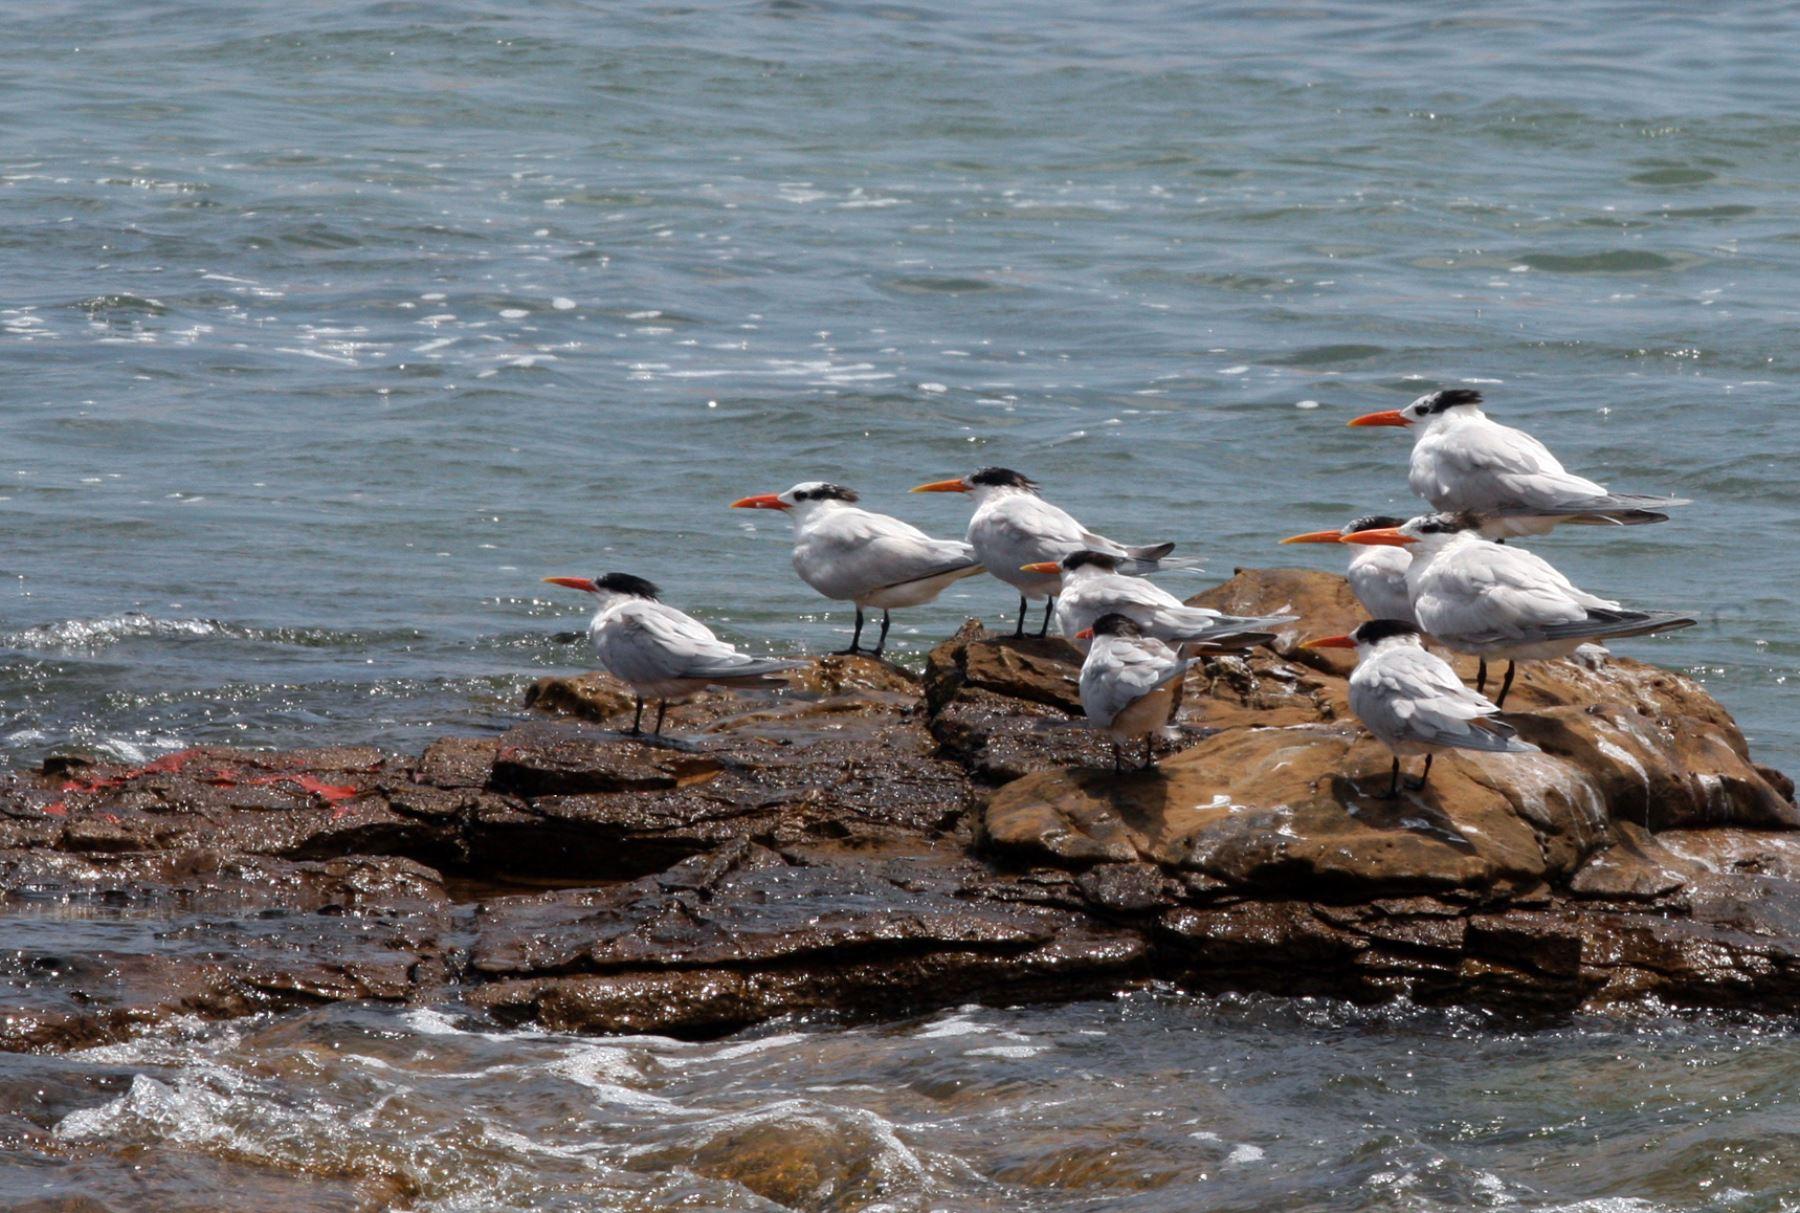 Reconocen monitoreo que protege a especies marinas en Paracas. ANDINA/Jhony Laurente